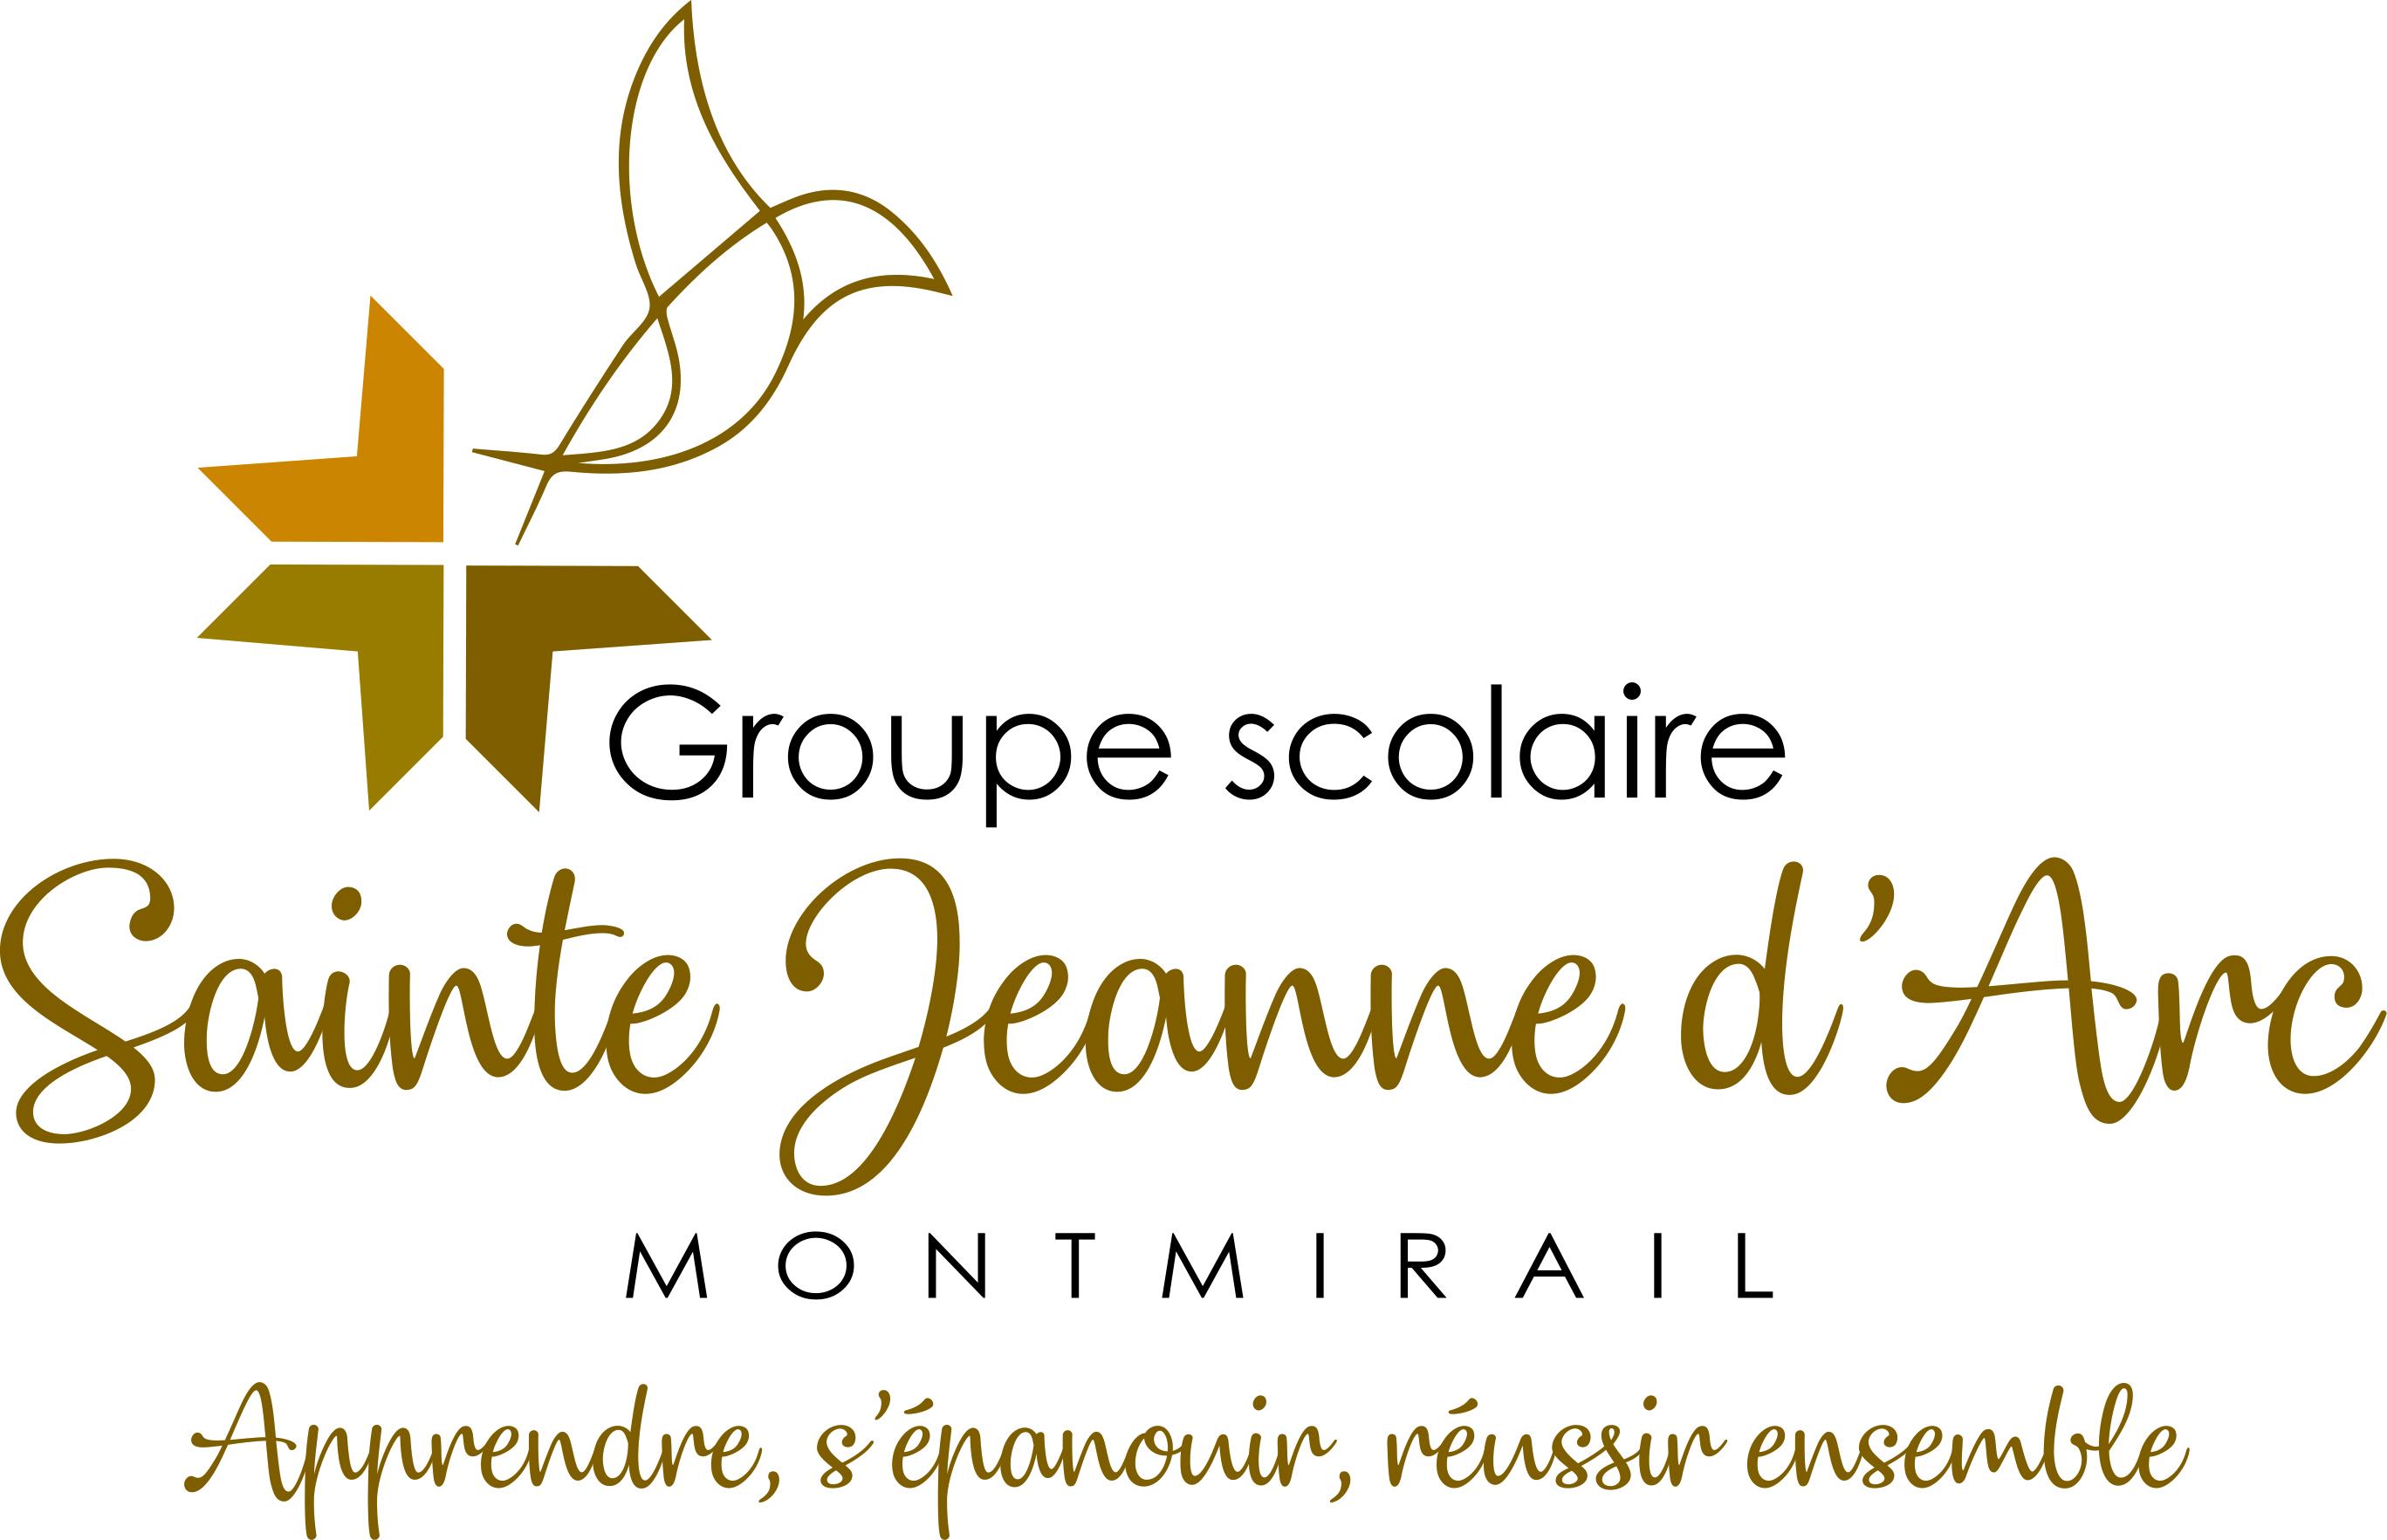 Groupement Scolaire Jeanne d'Arc